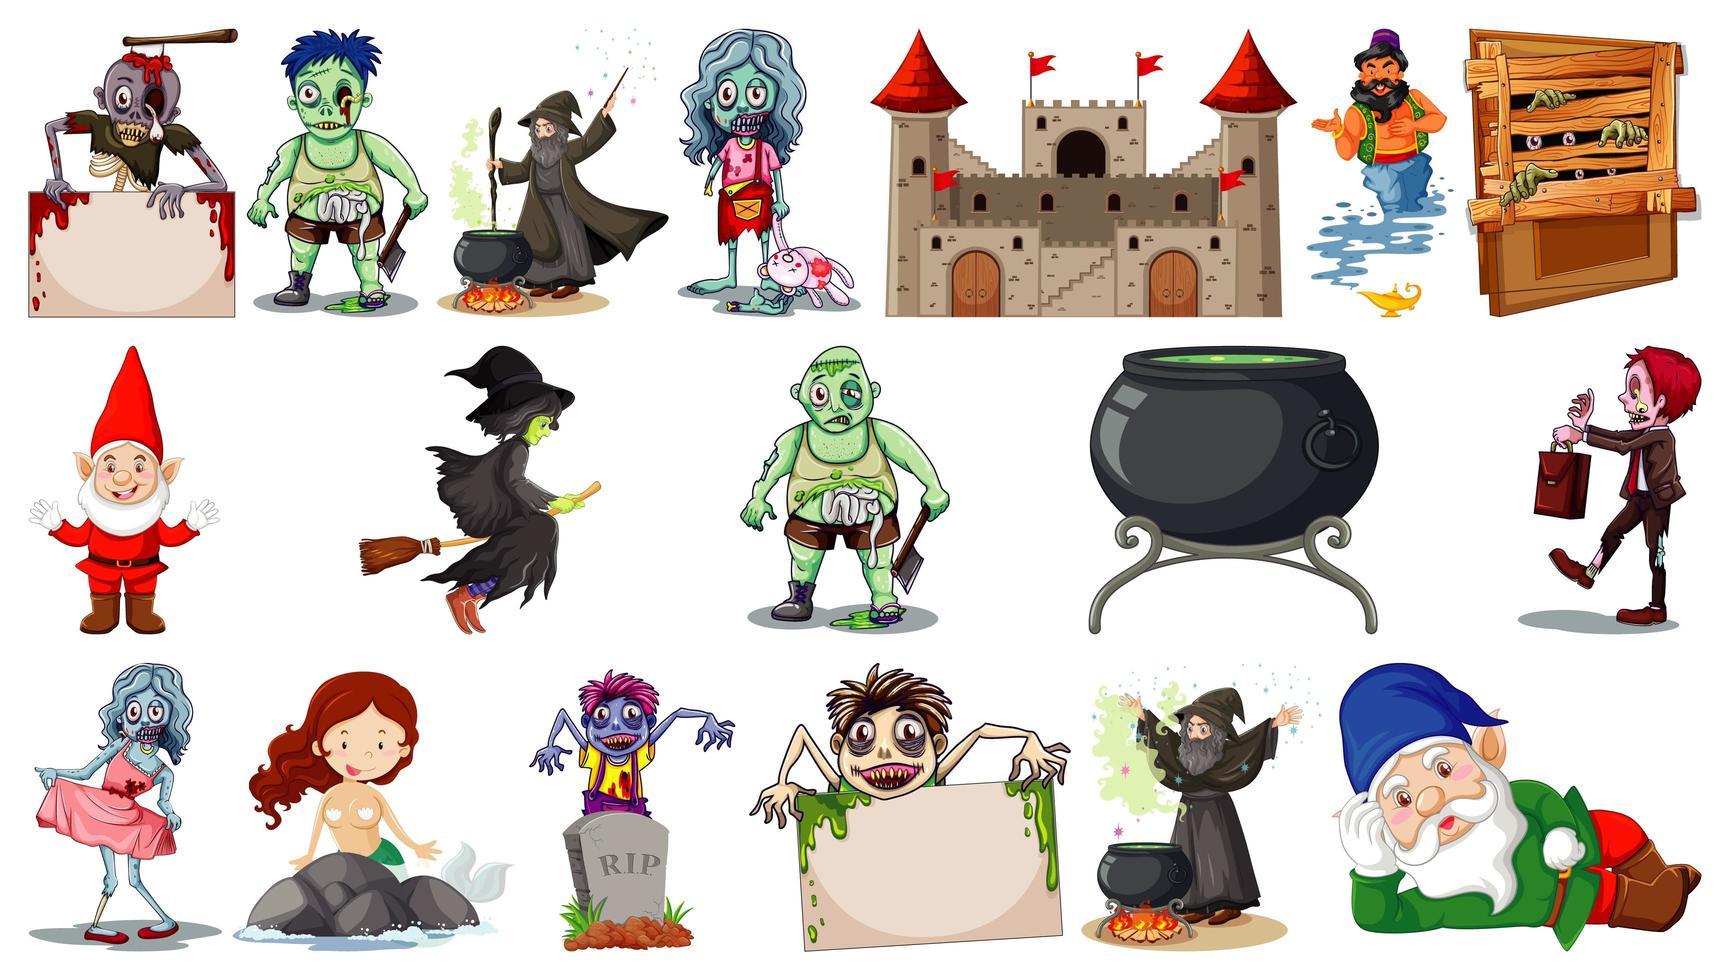 personaggi dei cartoni animati fantasy e tema fantasy isolato su sfondo bianco vettore